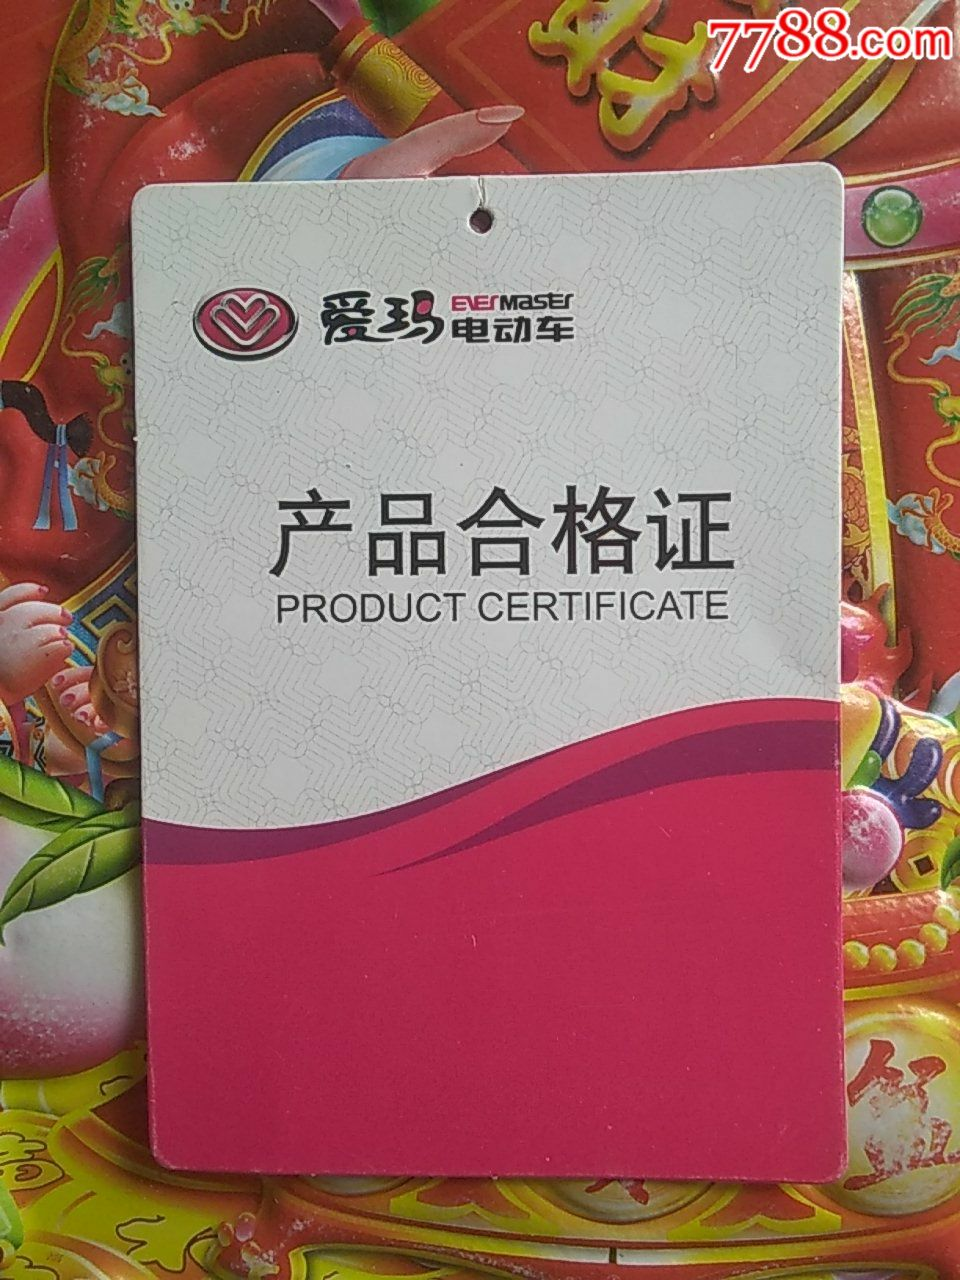 爱玛电动车《产品合格证》(硬卡)《说明室内设计v产品使用100字范文图片